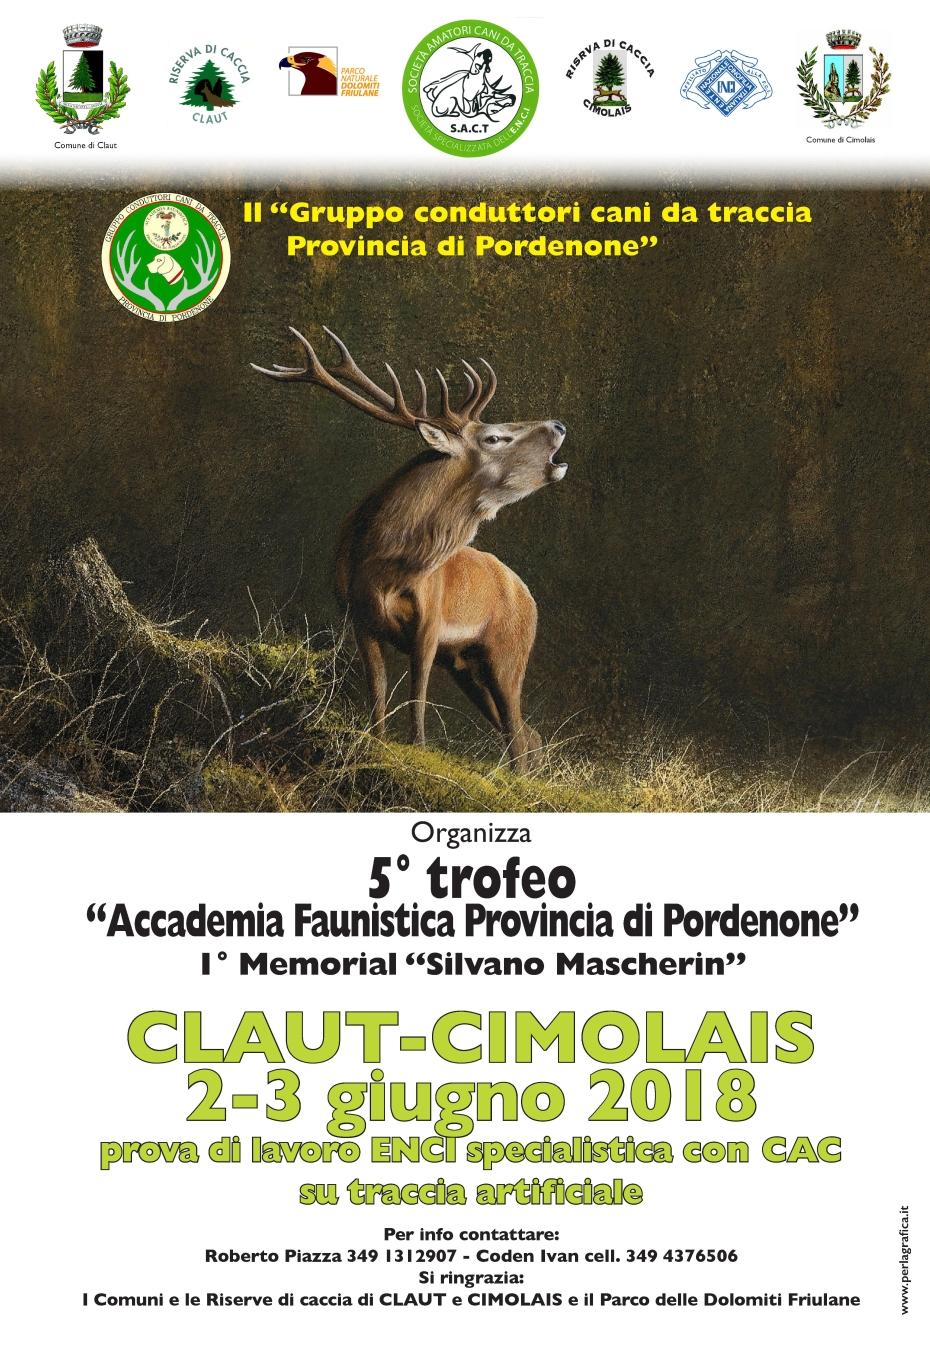 5° Trofeo 'Accademia Faunistica Provincia di Pordenone' del Gruppo conduttori cani da traccia Provincia di Pordenone